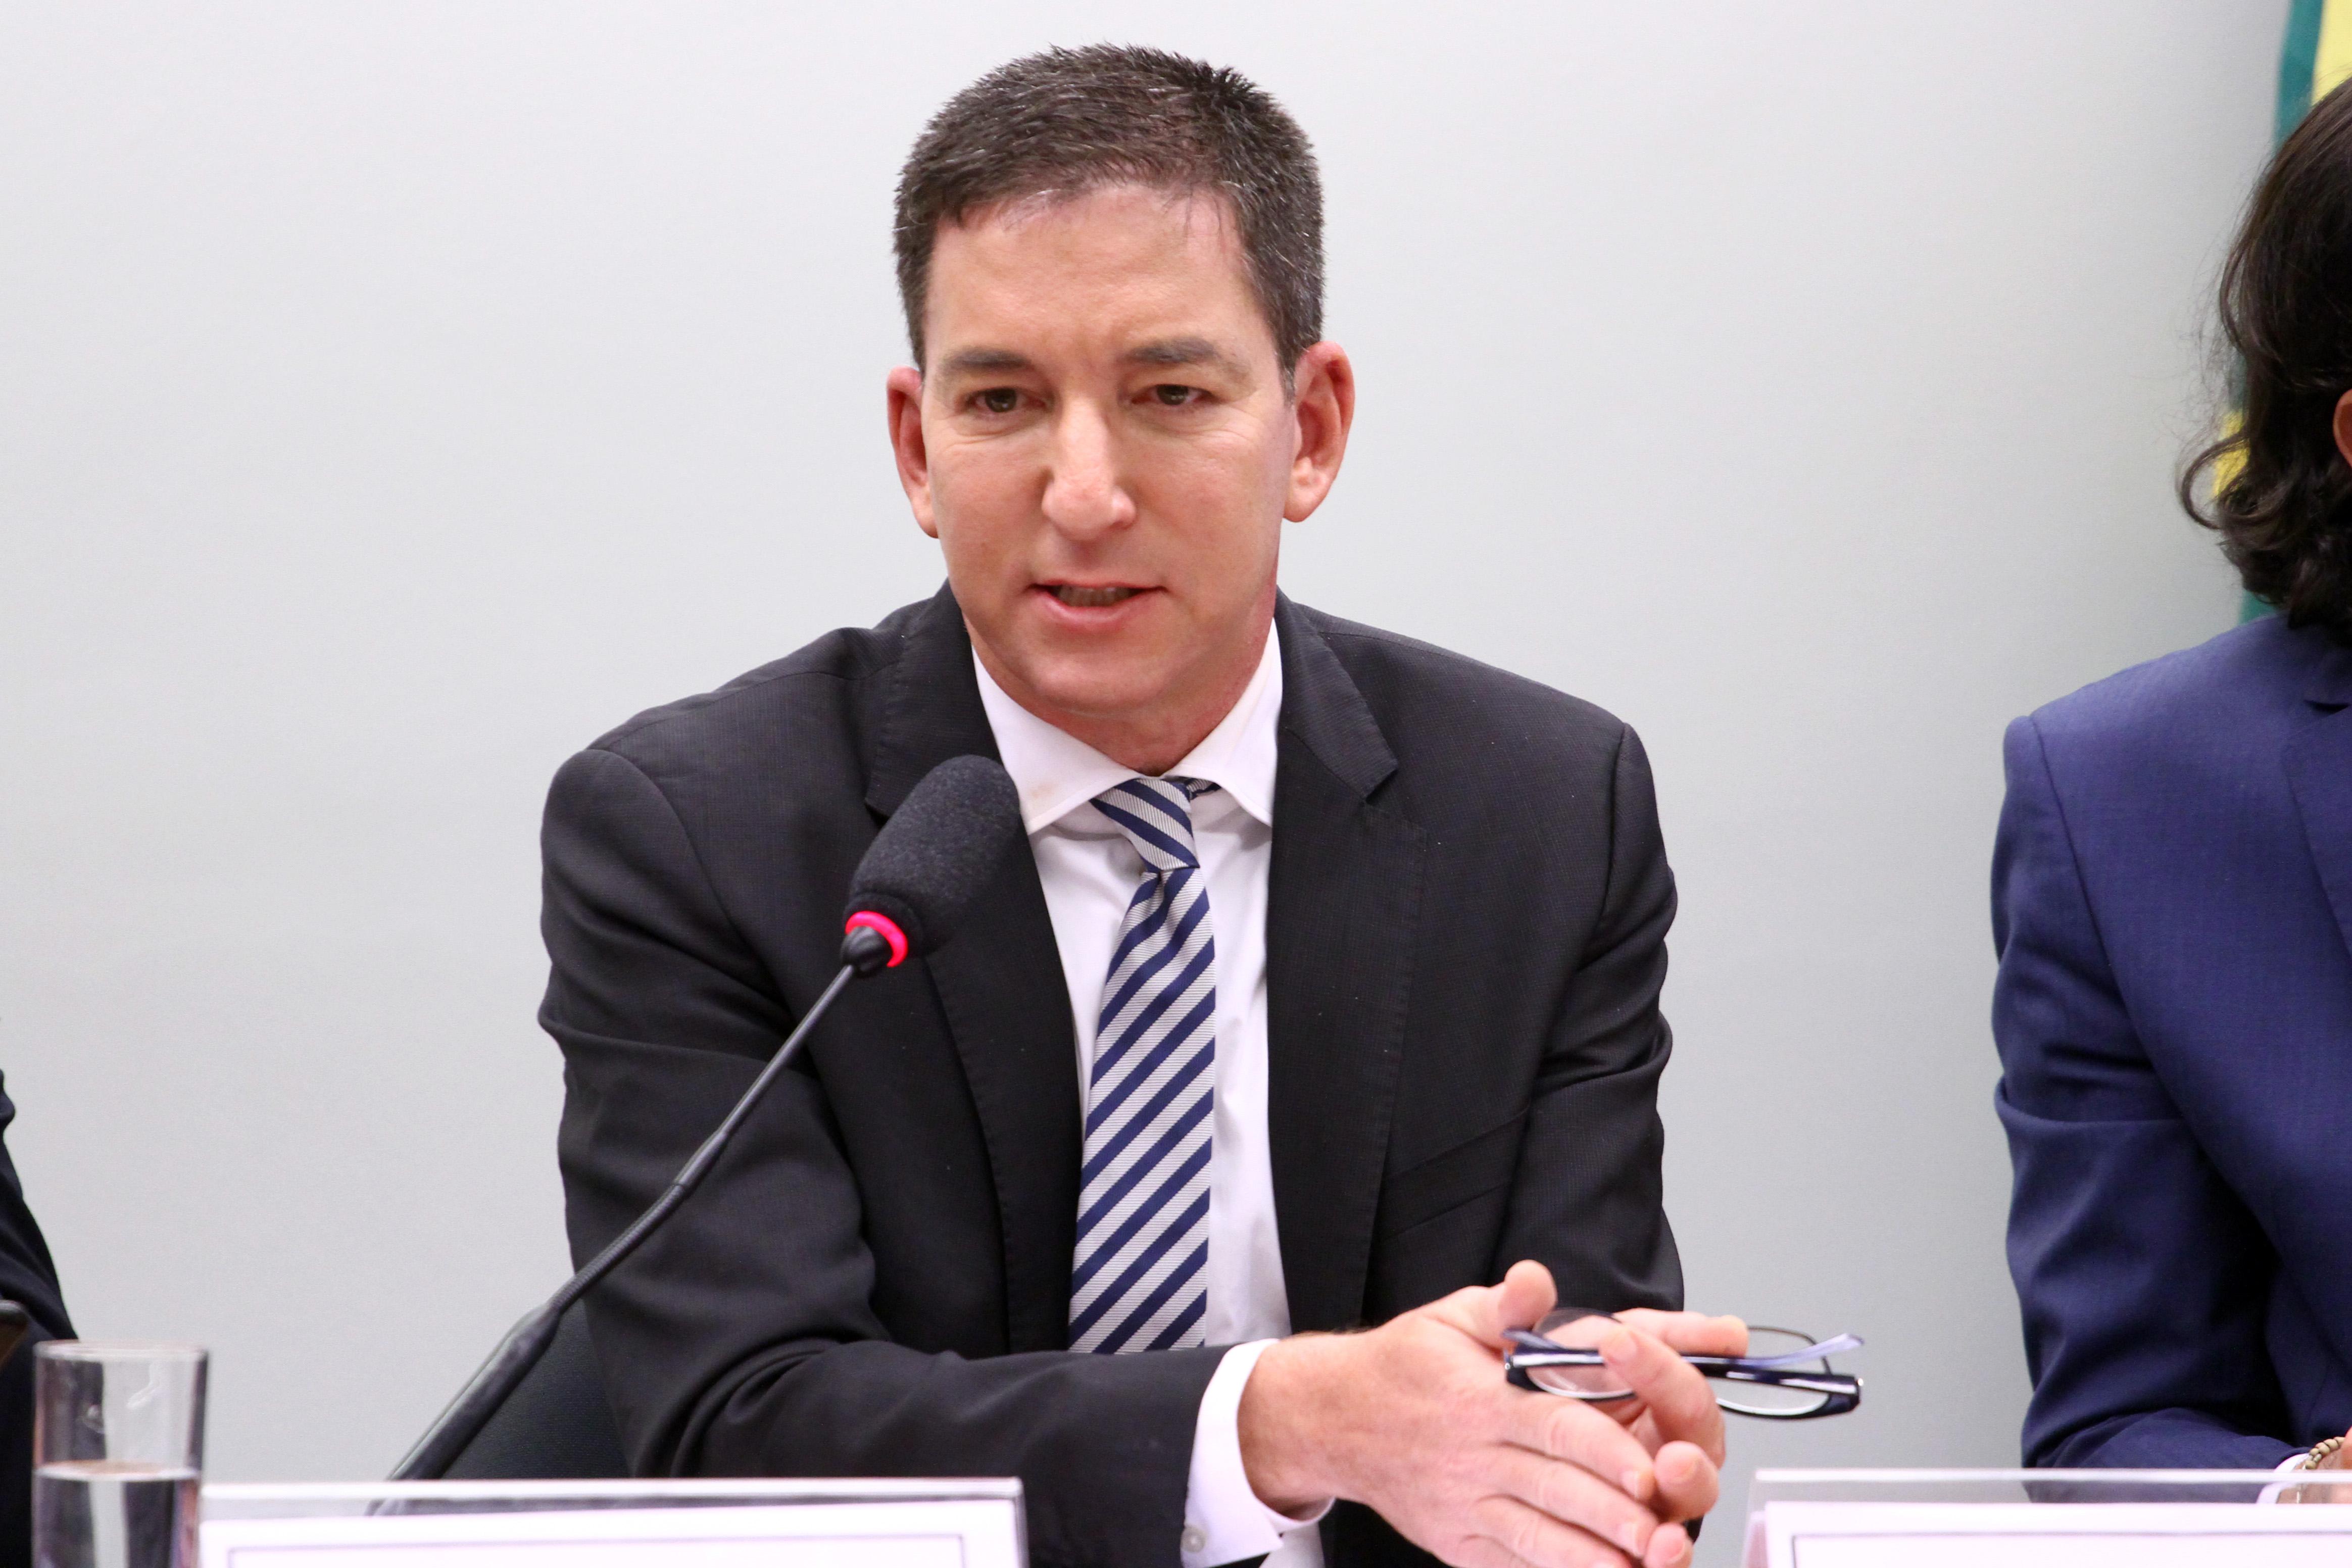 Audiência pública sobre a atuação de juízes e procuradores brasileiros no âmbito da Operação Lava Jato. Jornalista fundador do jornal The Intercept, Glenn Greenwald